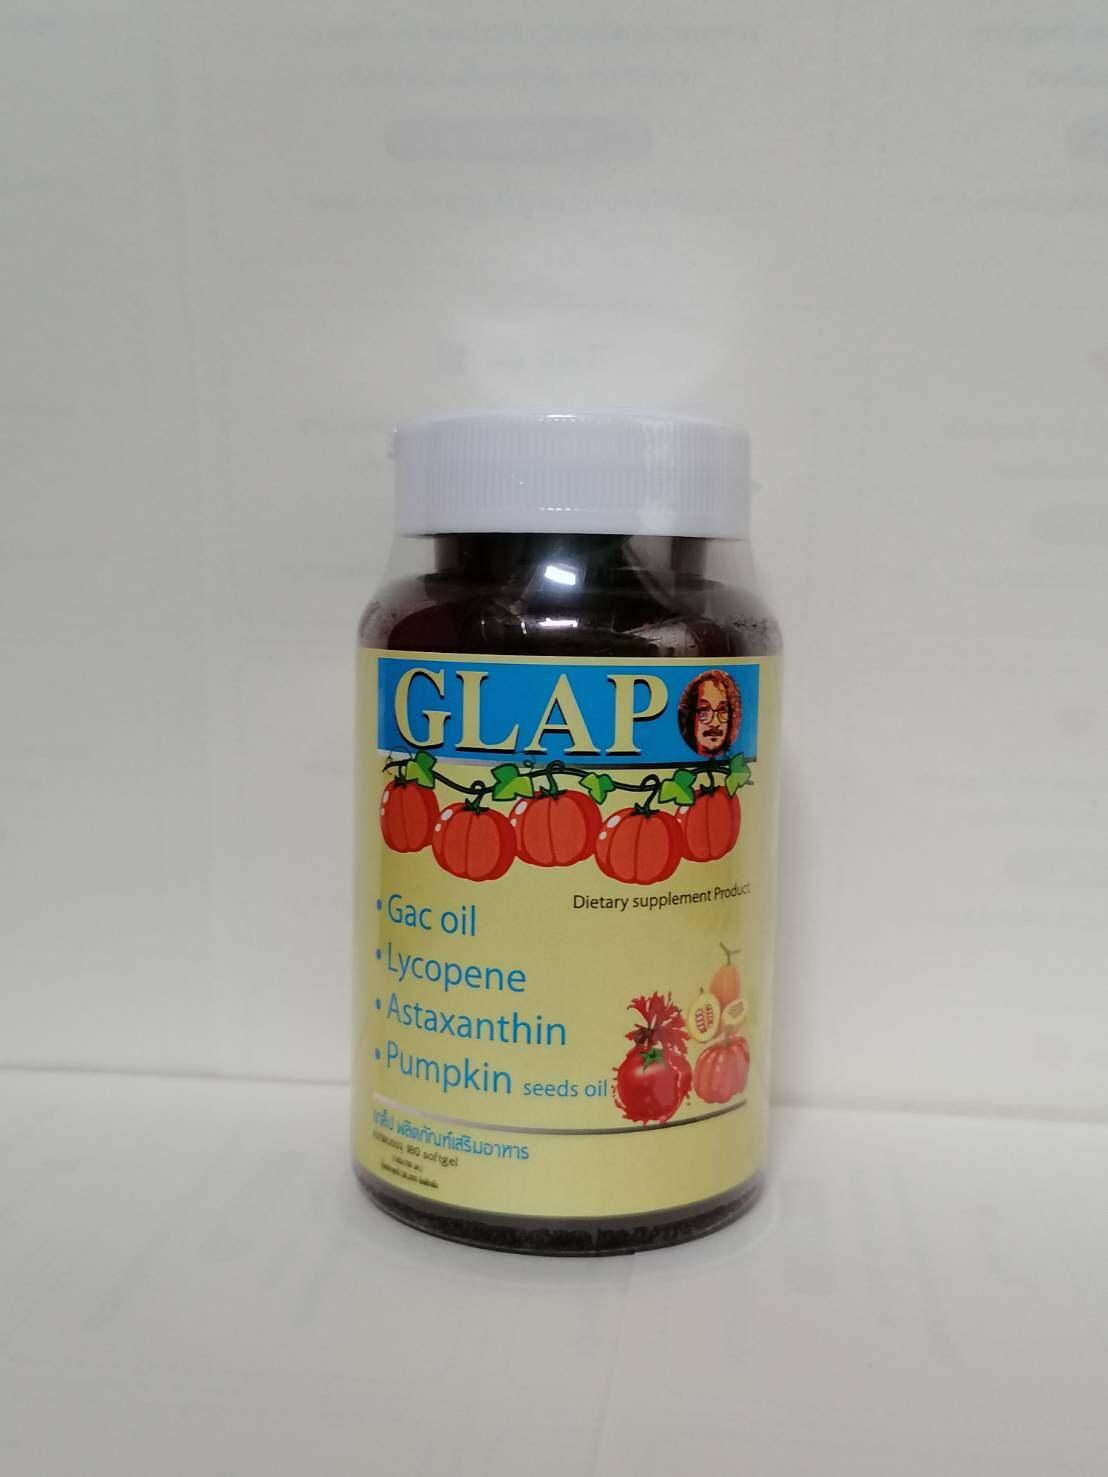 GLAP แกล๊บ ผลิตภัณฑ์ บำรุงรักษาดวงตา บำรุงดวงตา